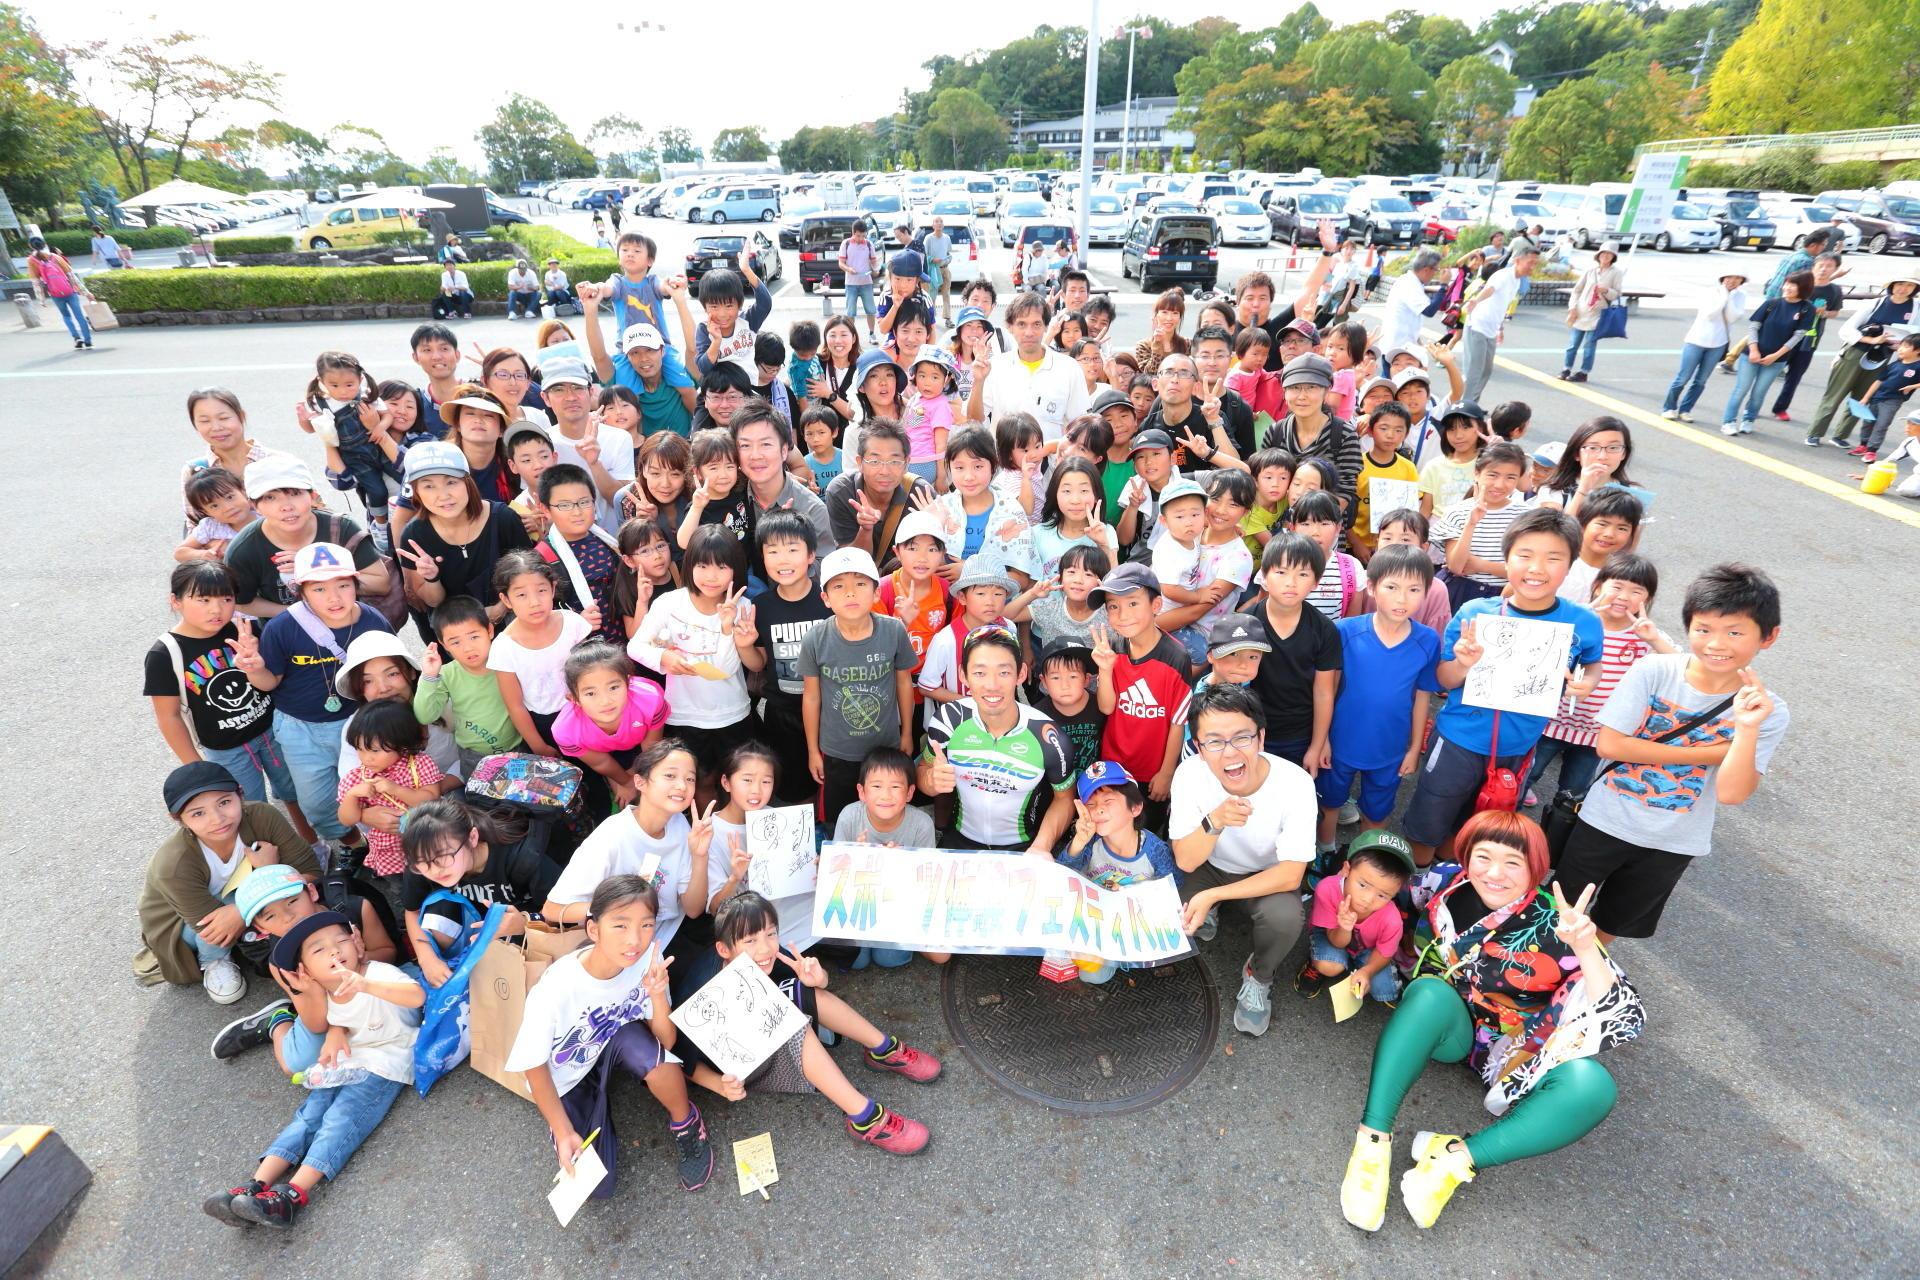 http://news.yoshimoto.co.jp/20171013012344-d23e35110c6ad3af9a665582172afa60938c90e1.jpg